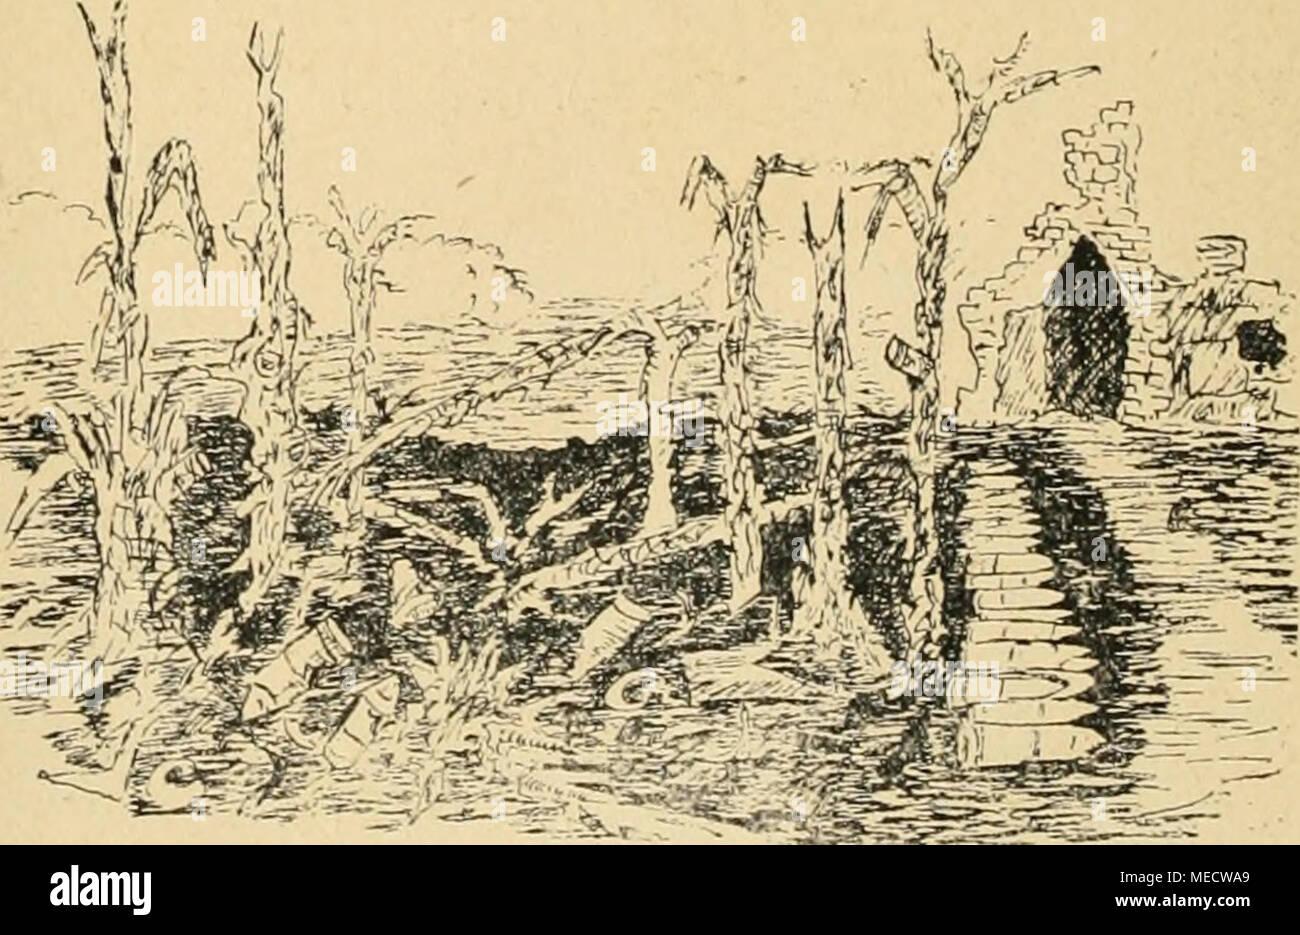 . Die Gartenwelt . Abb. 6. Zerrissene Bäume in der Nähe eines aufgeflogenen russischen Geschoßlagers. - Stock Image